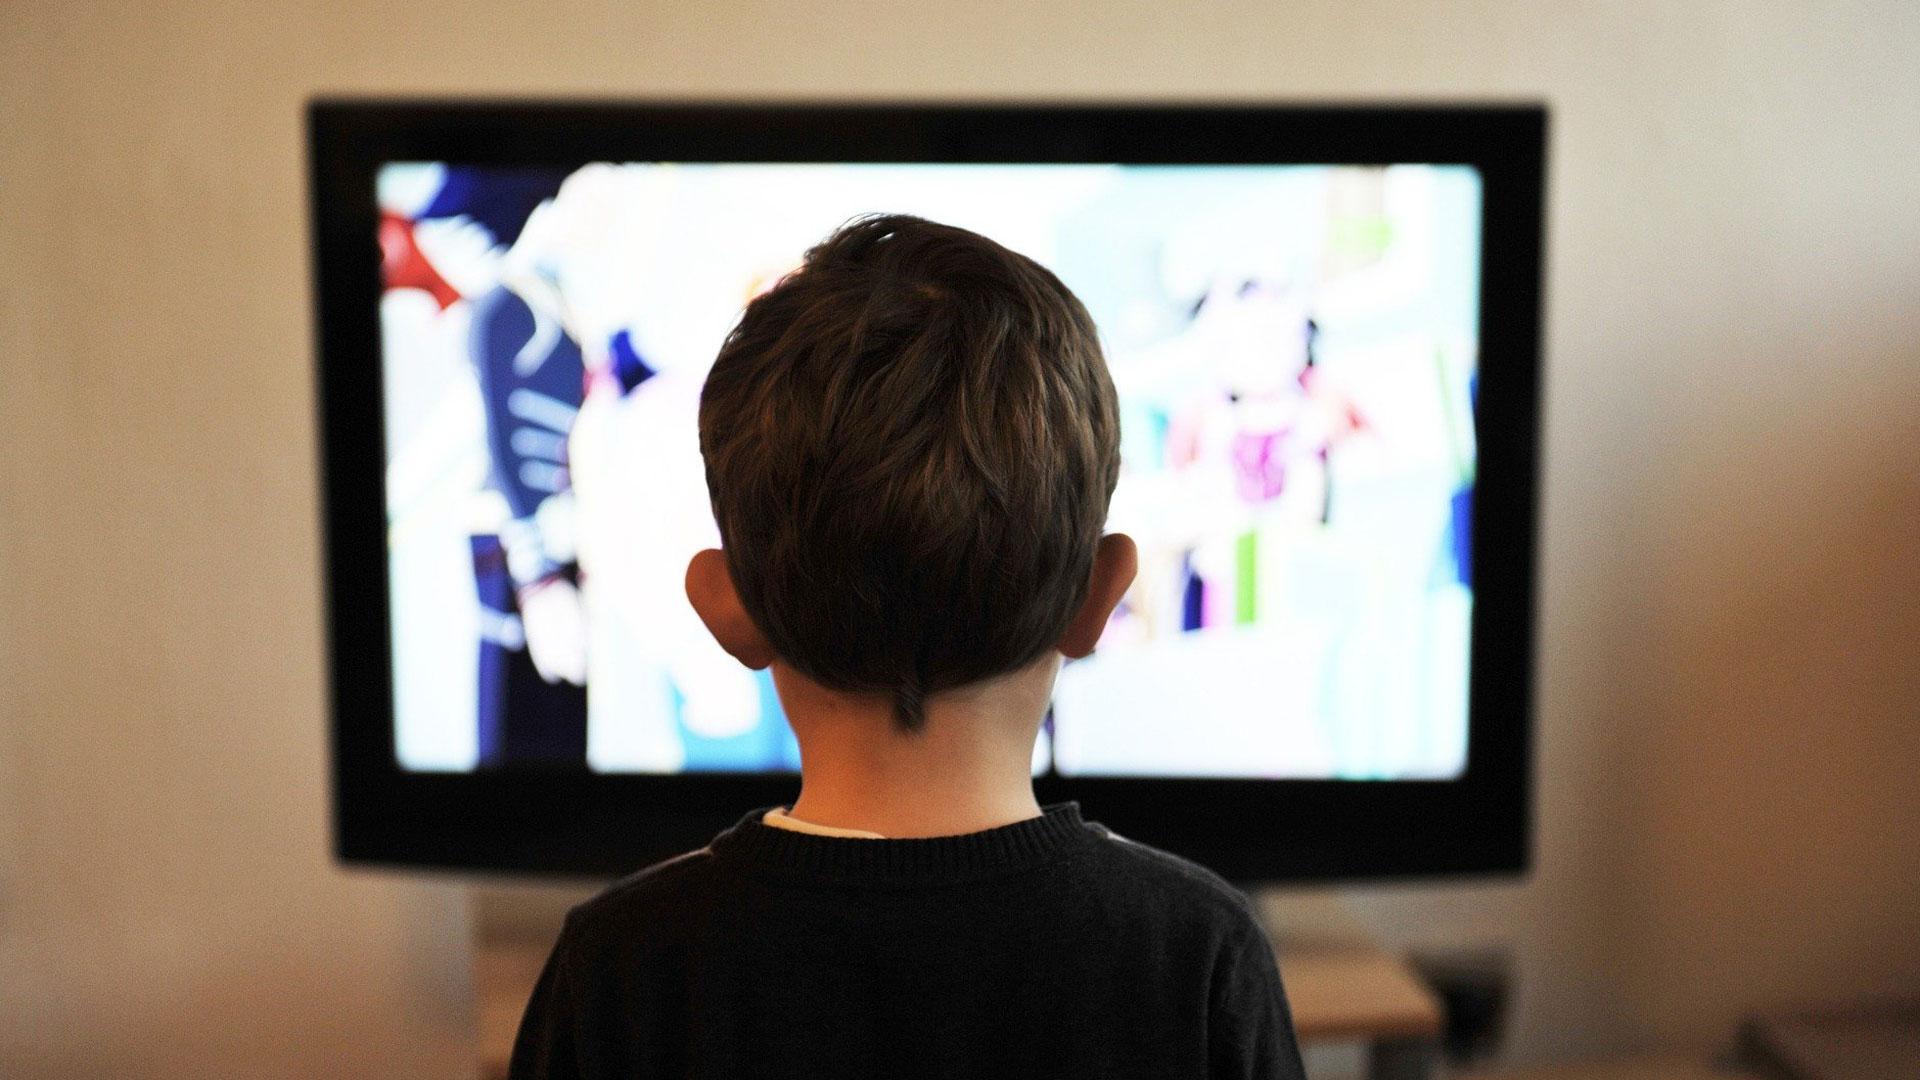 Verdeckte Werbung oder unangebrachte Inhalte für Kinder und Jugendliche in den Medien brauchen nicht stillschweigend hingenommen zu werden